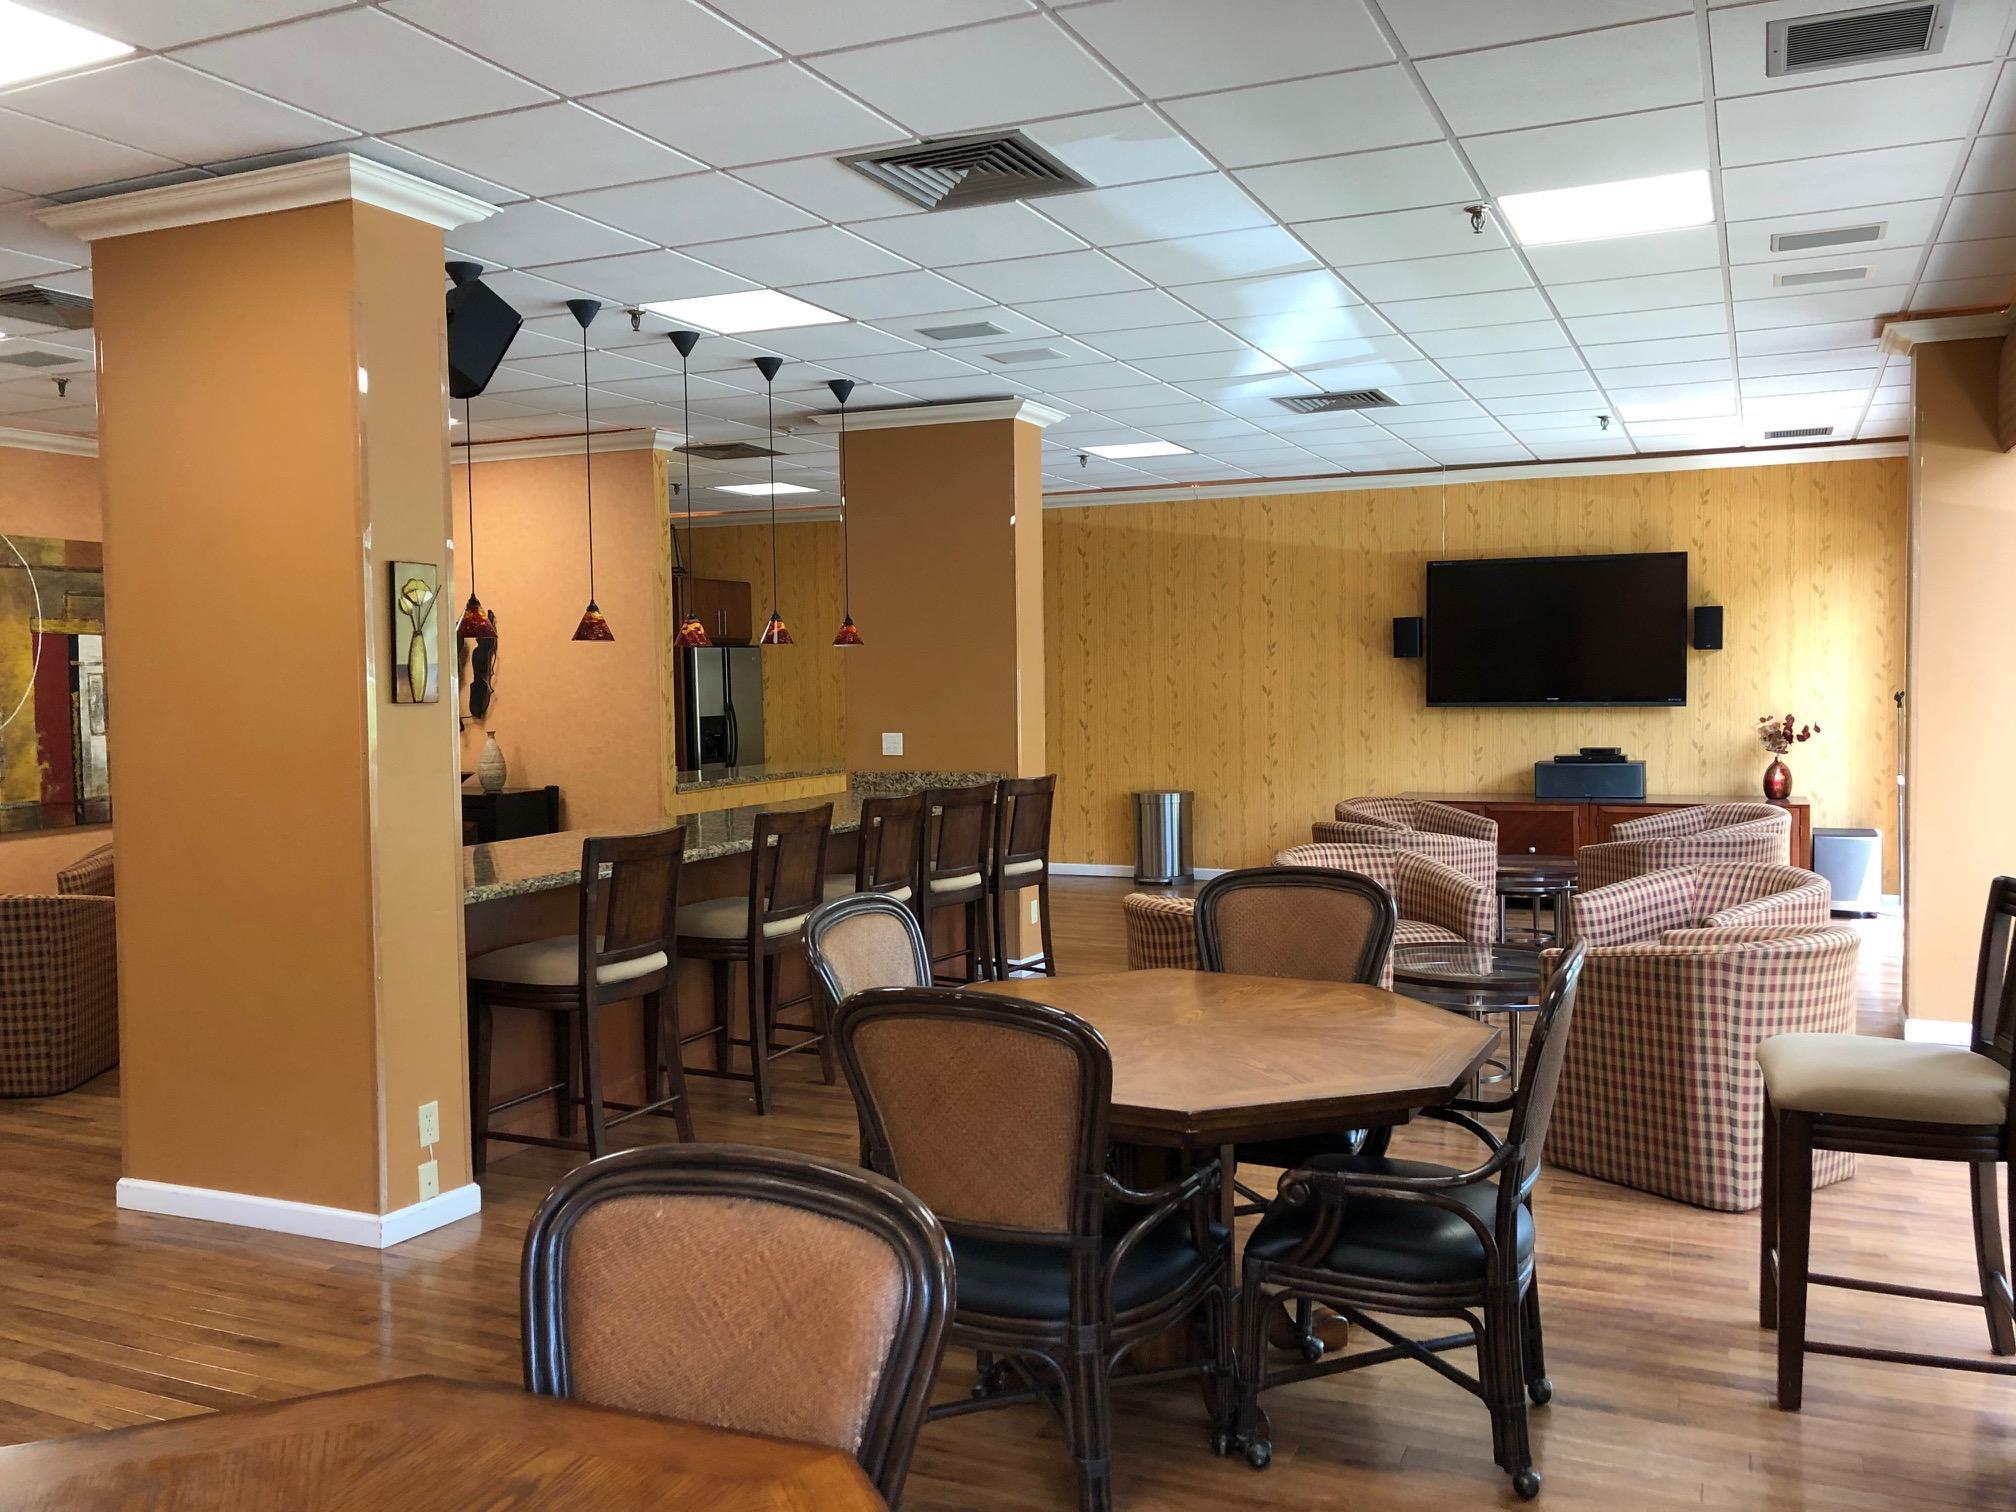 OT Social Club Room  Aug 22, 2019